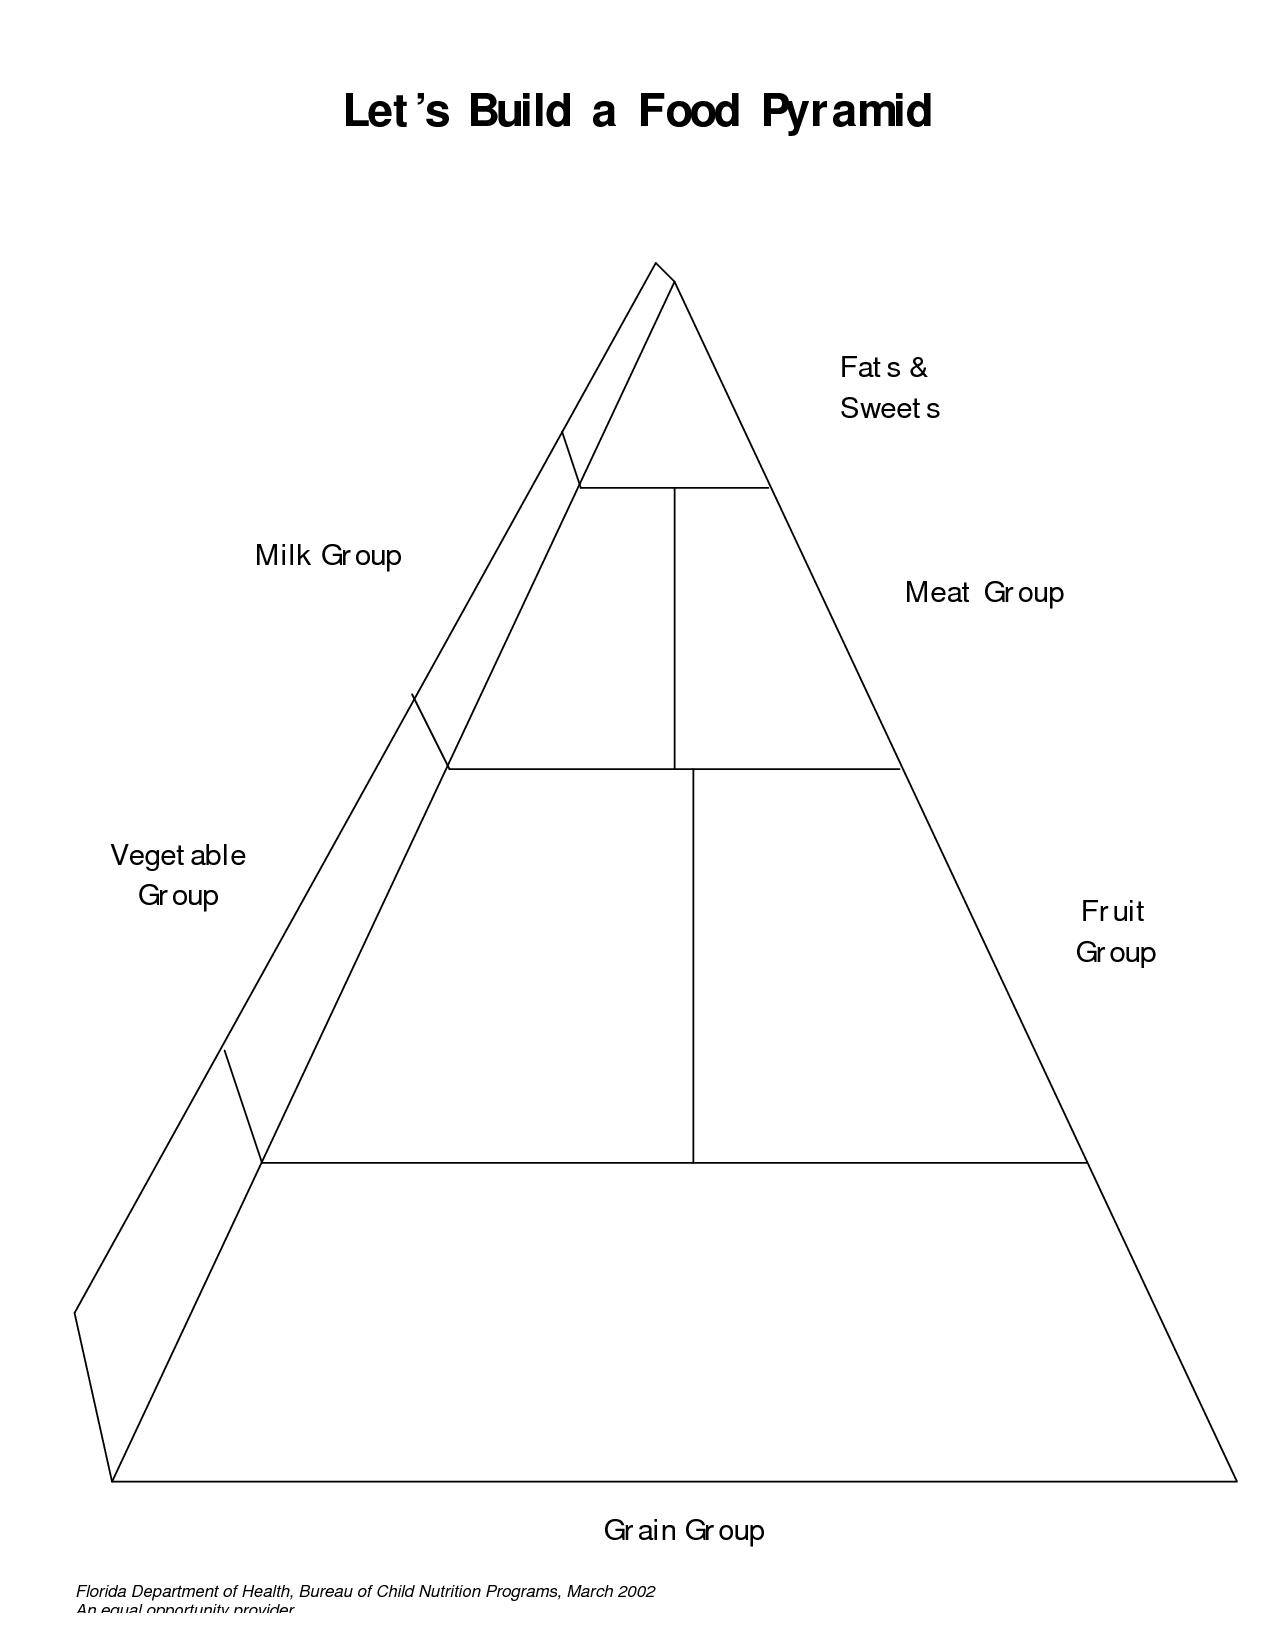 blank pyramid diagram 5 peg perego john deere tractor wiring 6 best images of energy worksheet